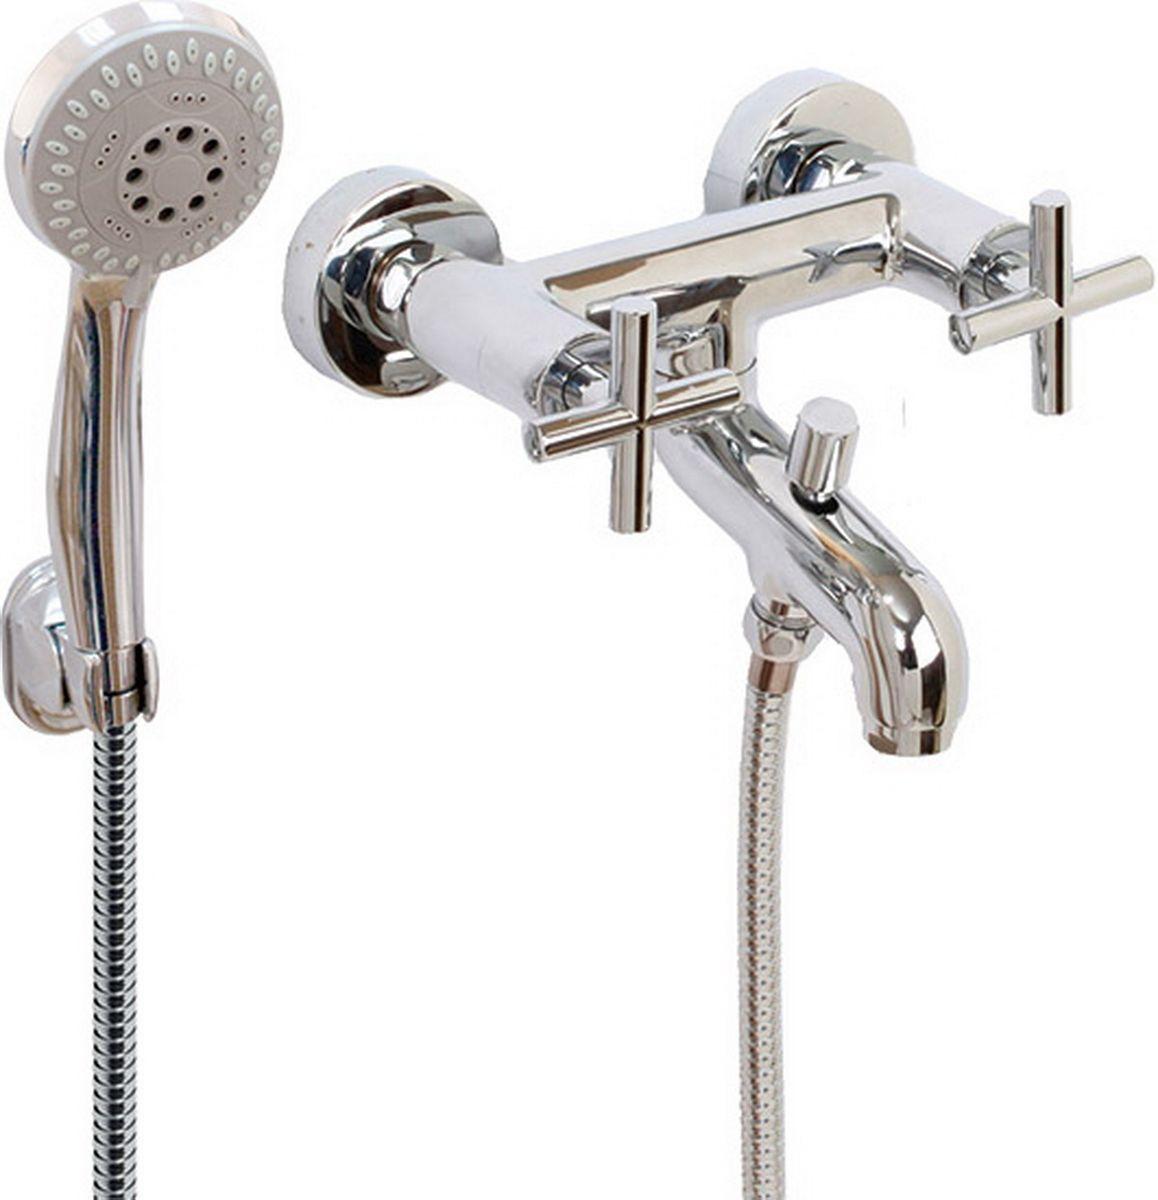 Argo смеситель для ванны York, 1/2 керамический68/5/1Смеситель для ванны 122-n york кран букса 1/2 900 керамика 7,7х20, крепеж эксцентрик усиленный 3/4 х 1/2 + прокладка-фильтр аэратор м28х1 наружная резьба neoperl perlator 16 - 20 л/мин. при 0,3 МПа покрытие никель / хром комплектация душевой шланг 150 см, оплетка - хромированная нержавеющая сталь, двойной замок, 1/2душевая лейка new пятипозиционная: душ, массаж, аэро, душ/массаж, душ/аэрокронштейн материал основа латунь